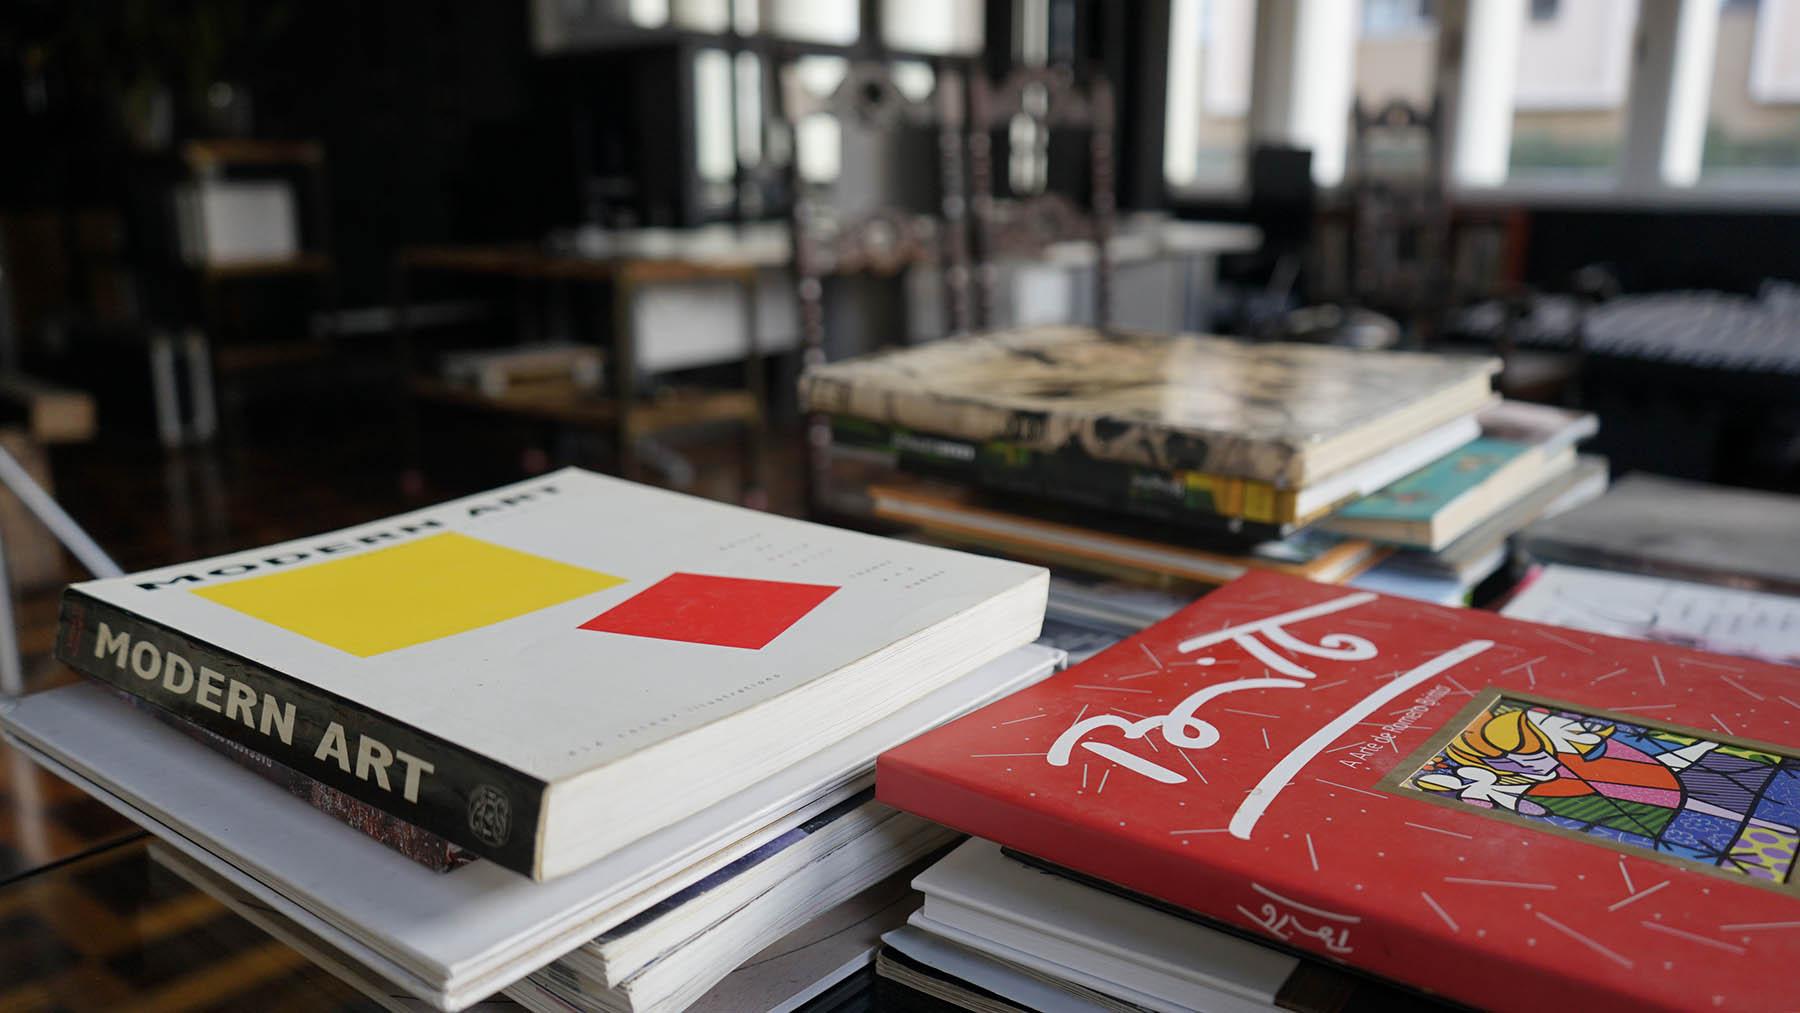 Acervo de livros e revistas